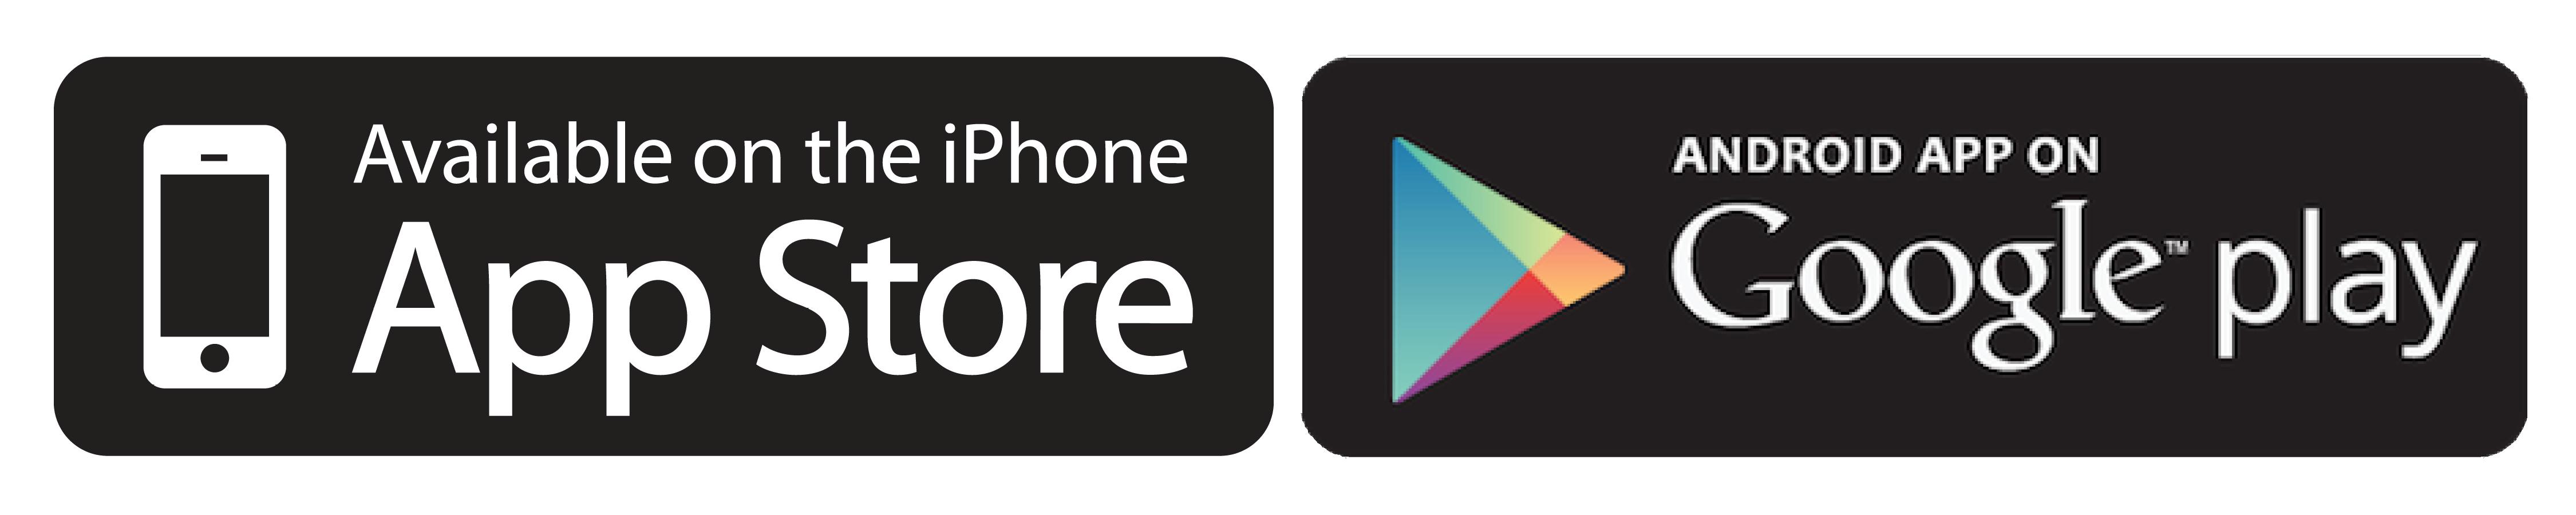 Regel uw zaken nu eenvoudig via tablet of mobiele telefoon. Download en ontdek onze vernieuwde app: